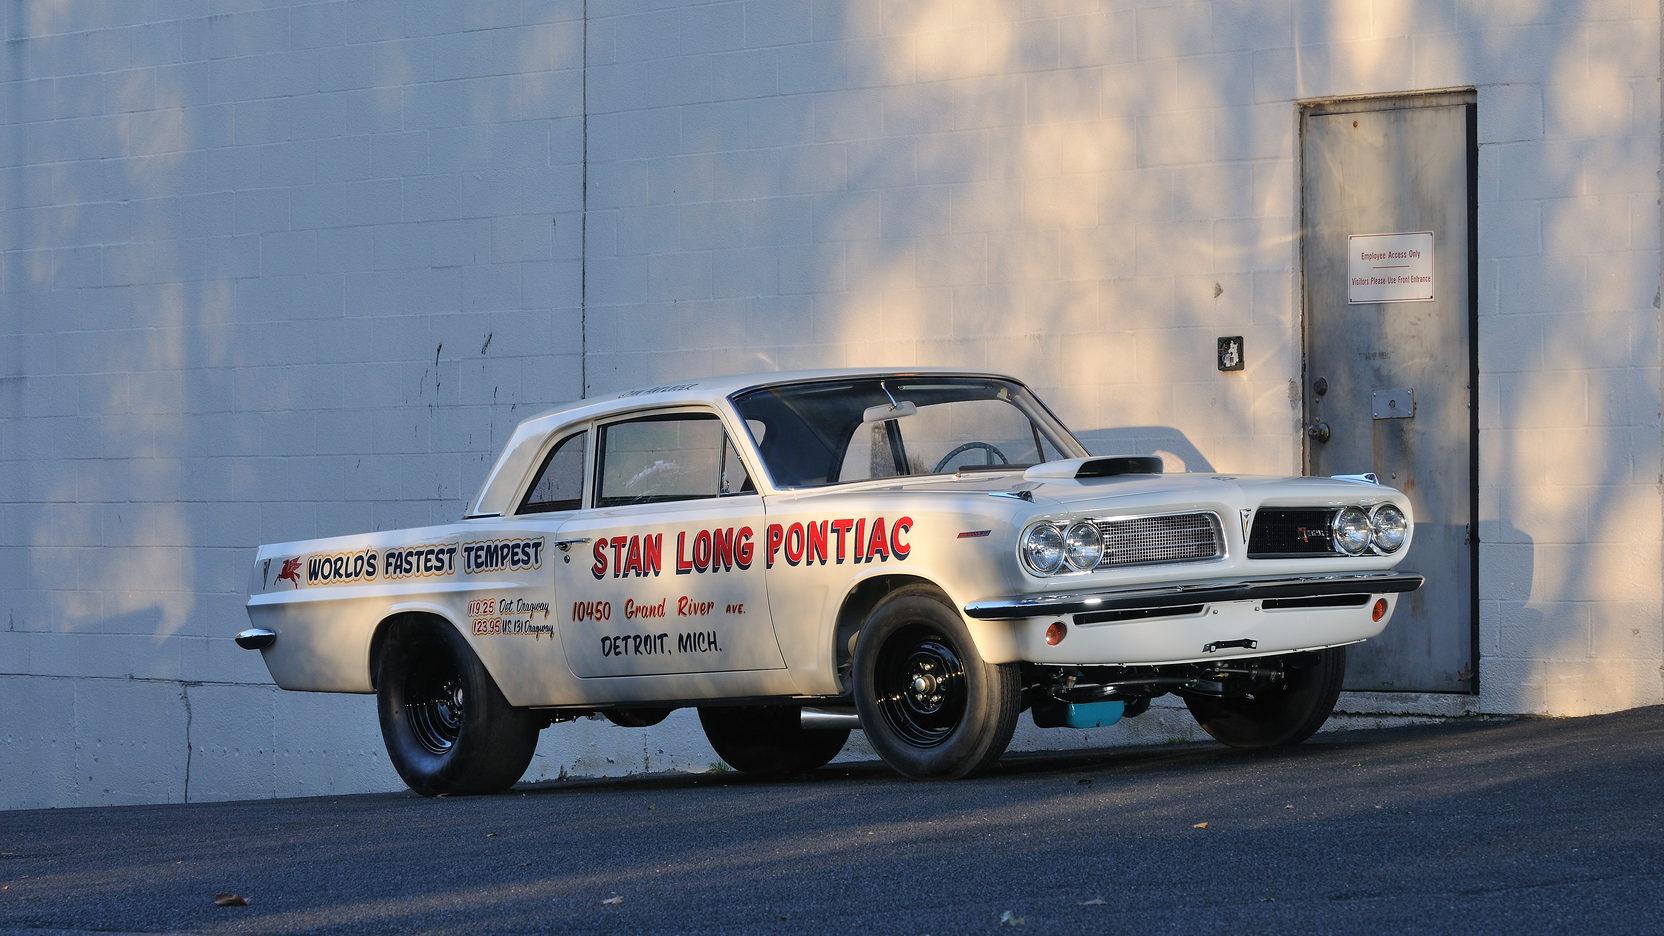 1963 Pontiac Tempest Super Duty front 3/4 stan long